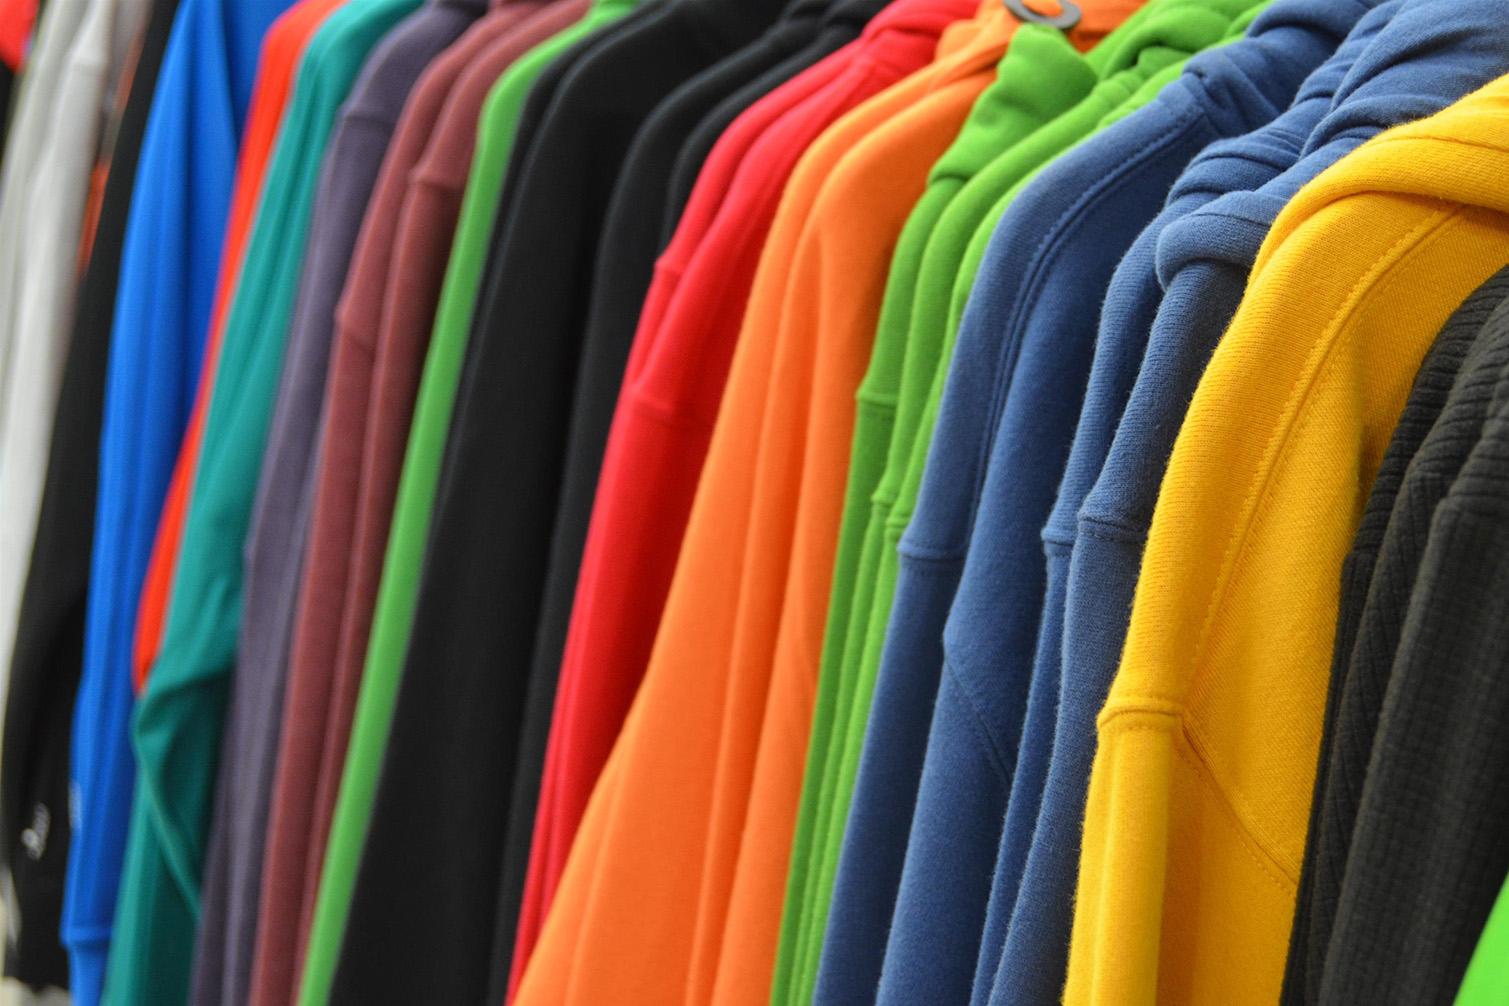 portant avec vêtements de couleur pour personnalisation click & fabric